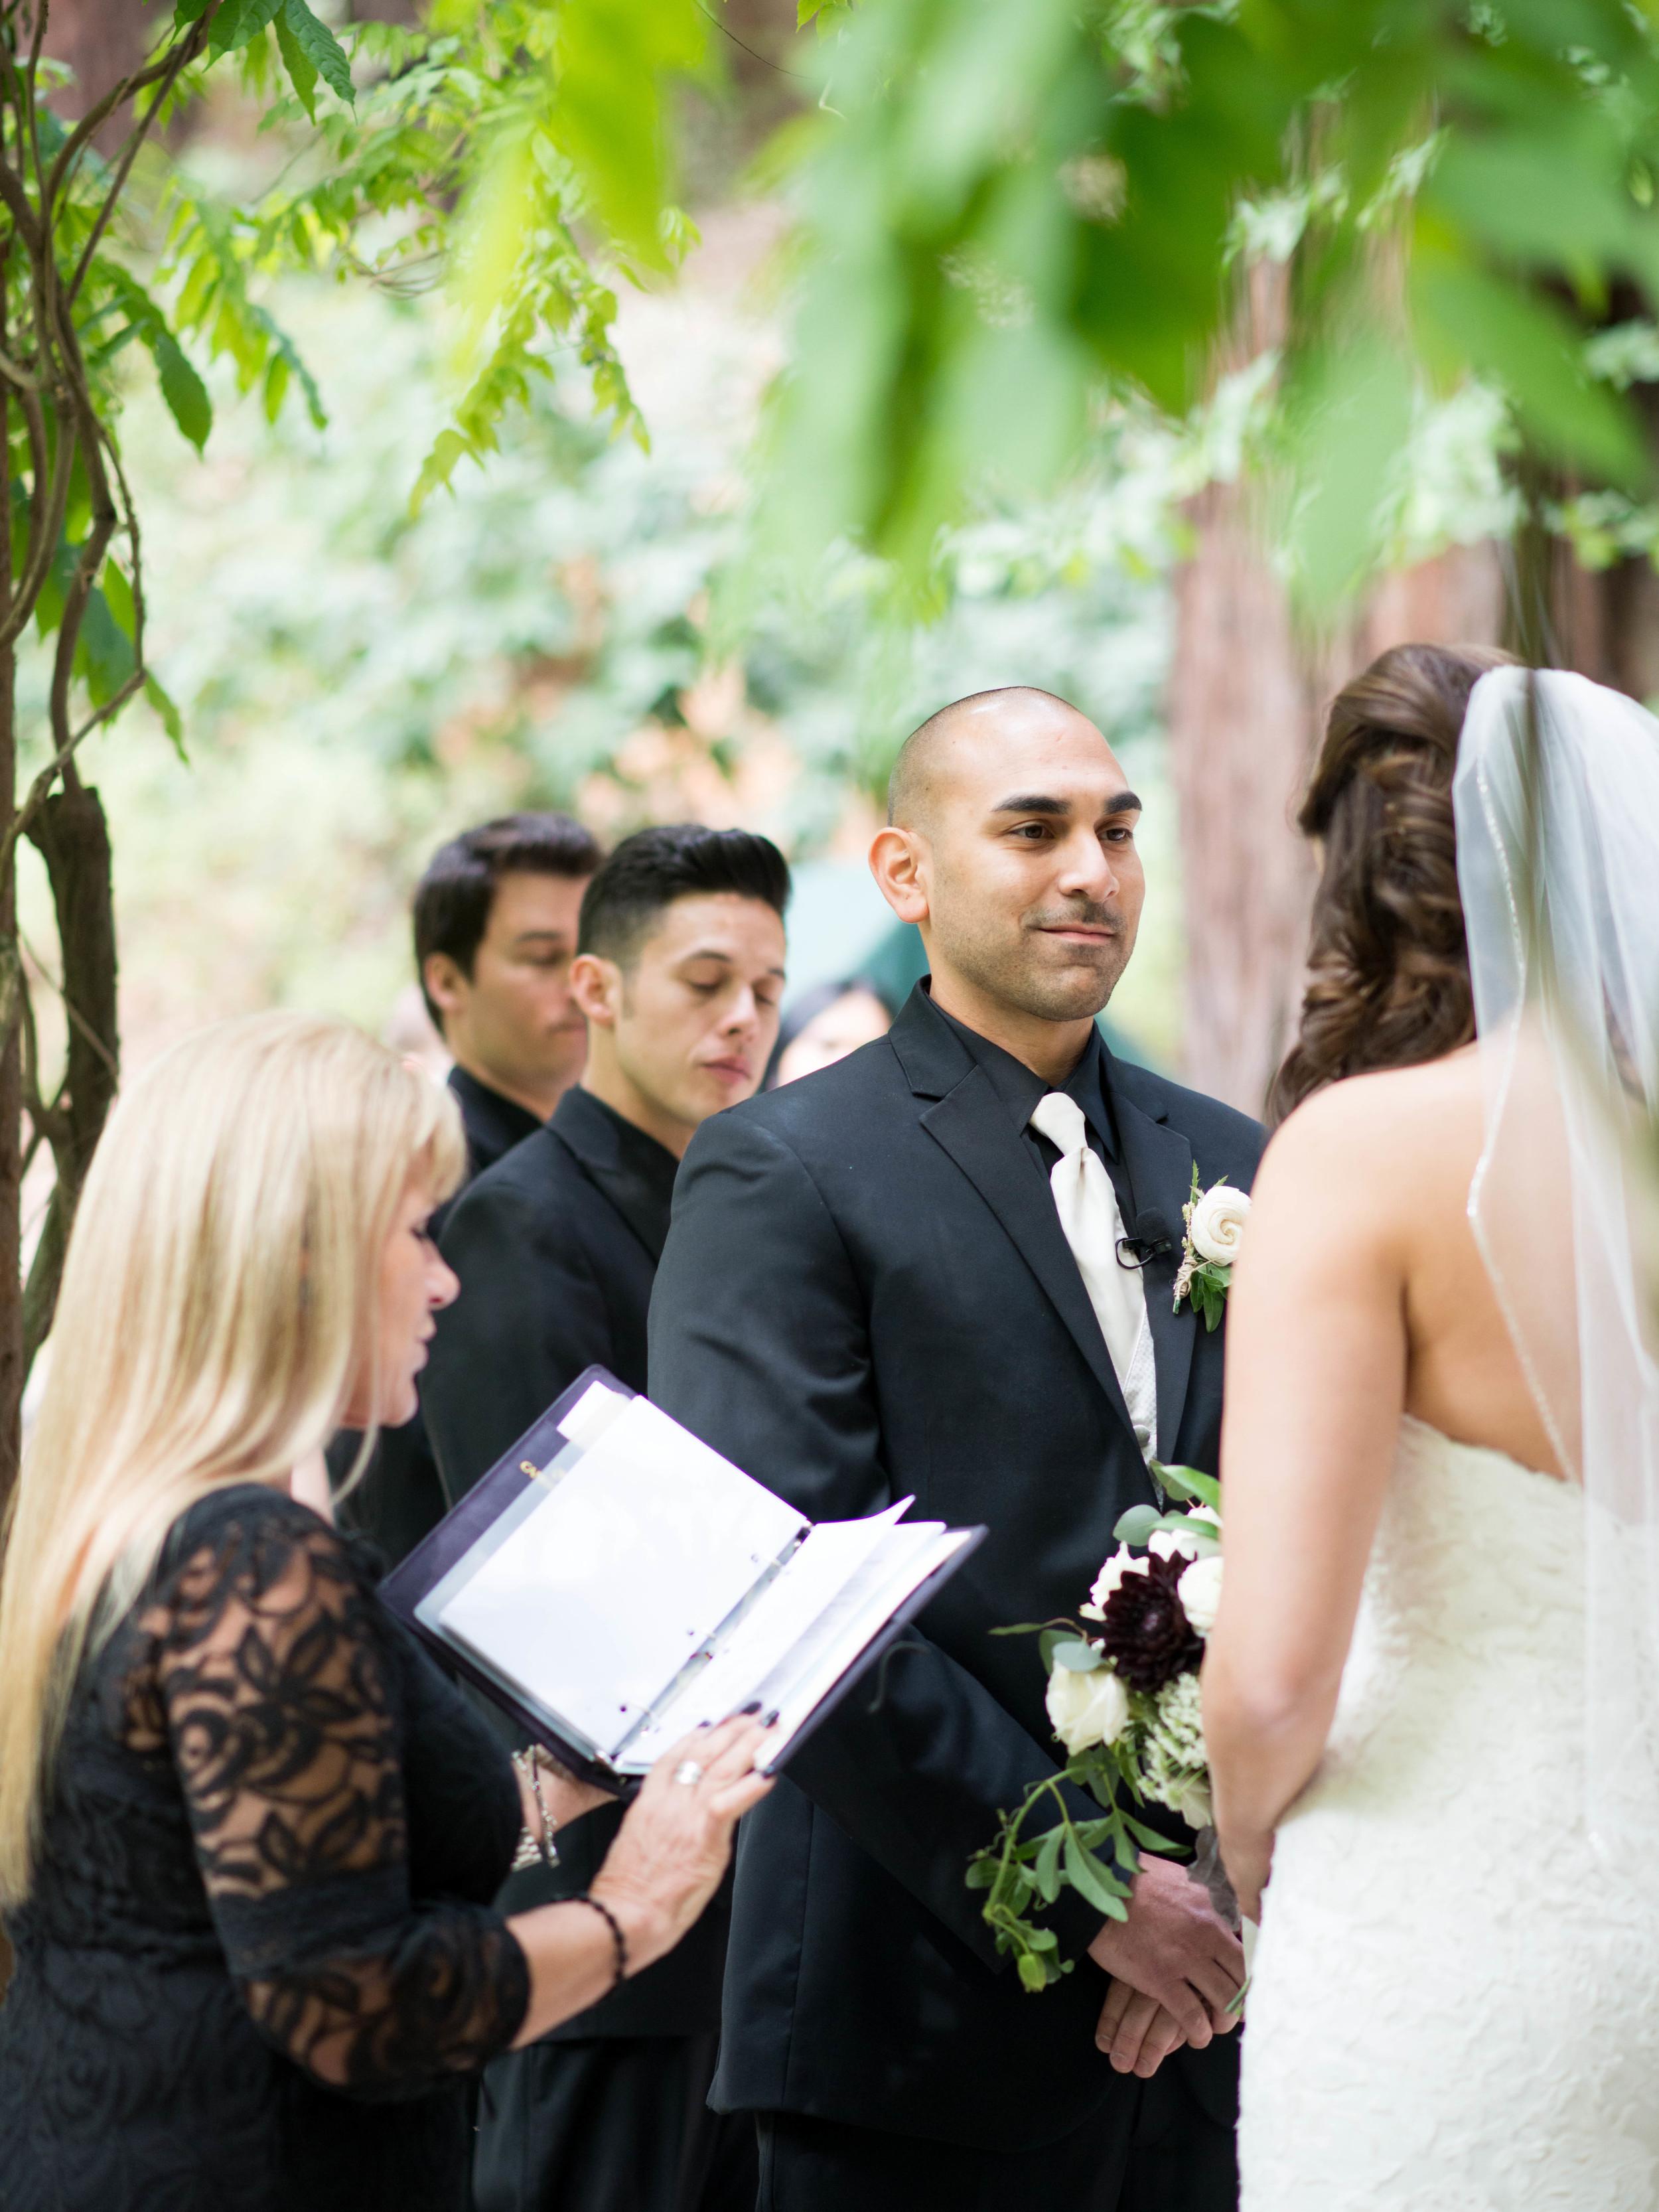 Meghan Mehan Photography - Alisa & Aaron_Nestldown Wedding - 310.jpg